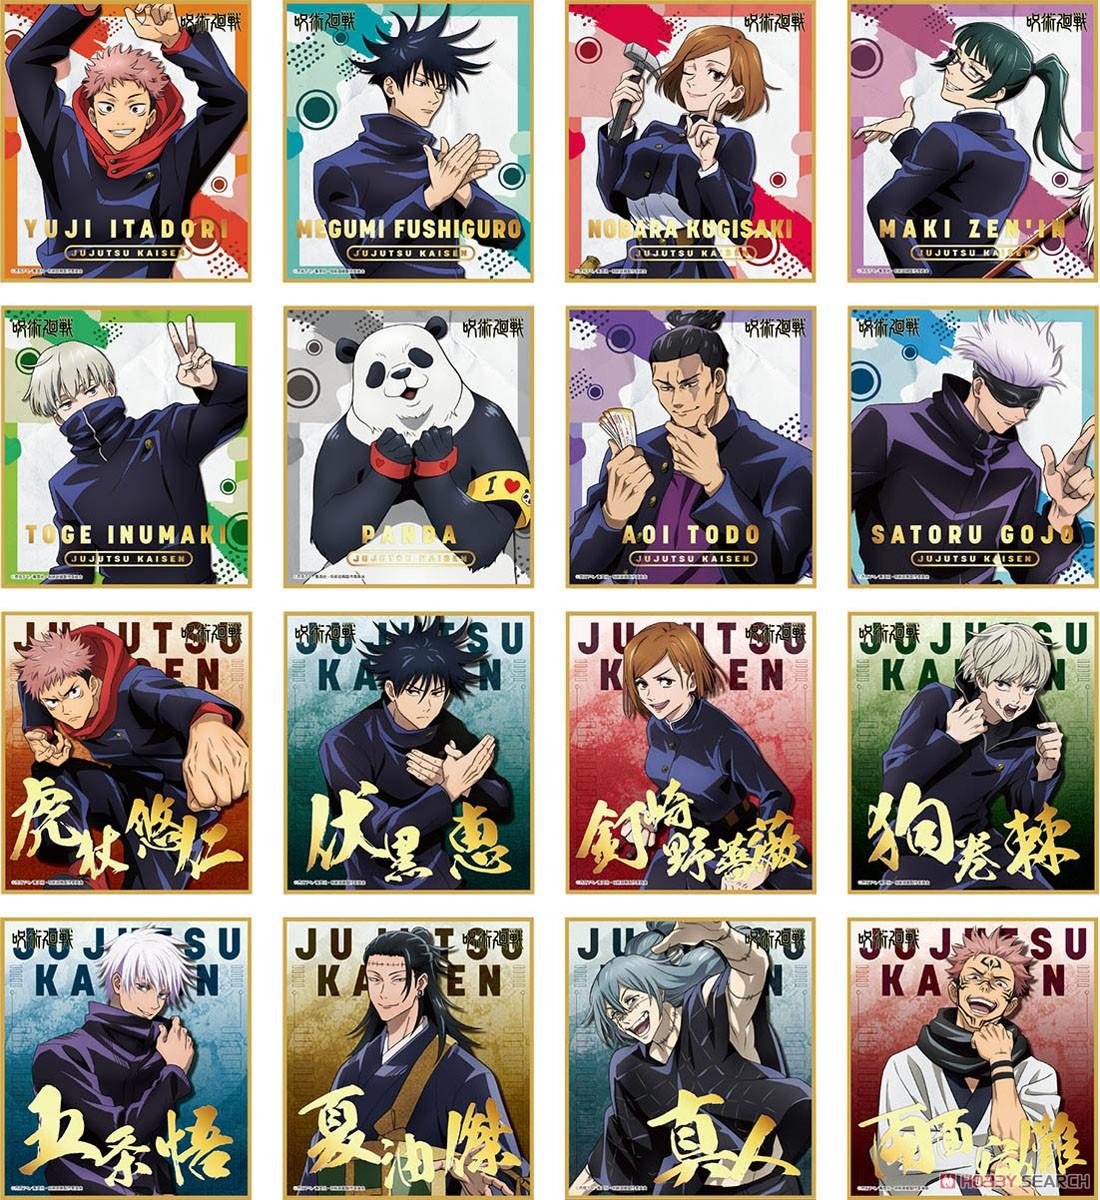 呪術廻戦『呪術廻戦 ビジュアル色紙コレクション』16個入りBOX-001